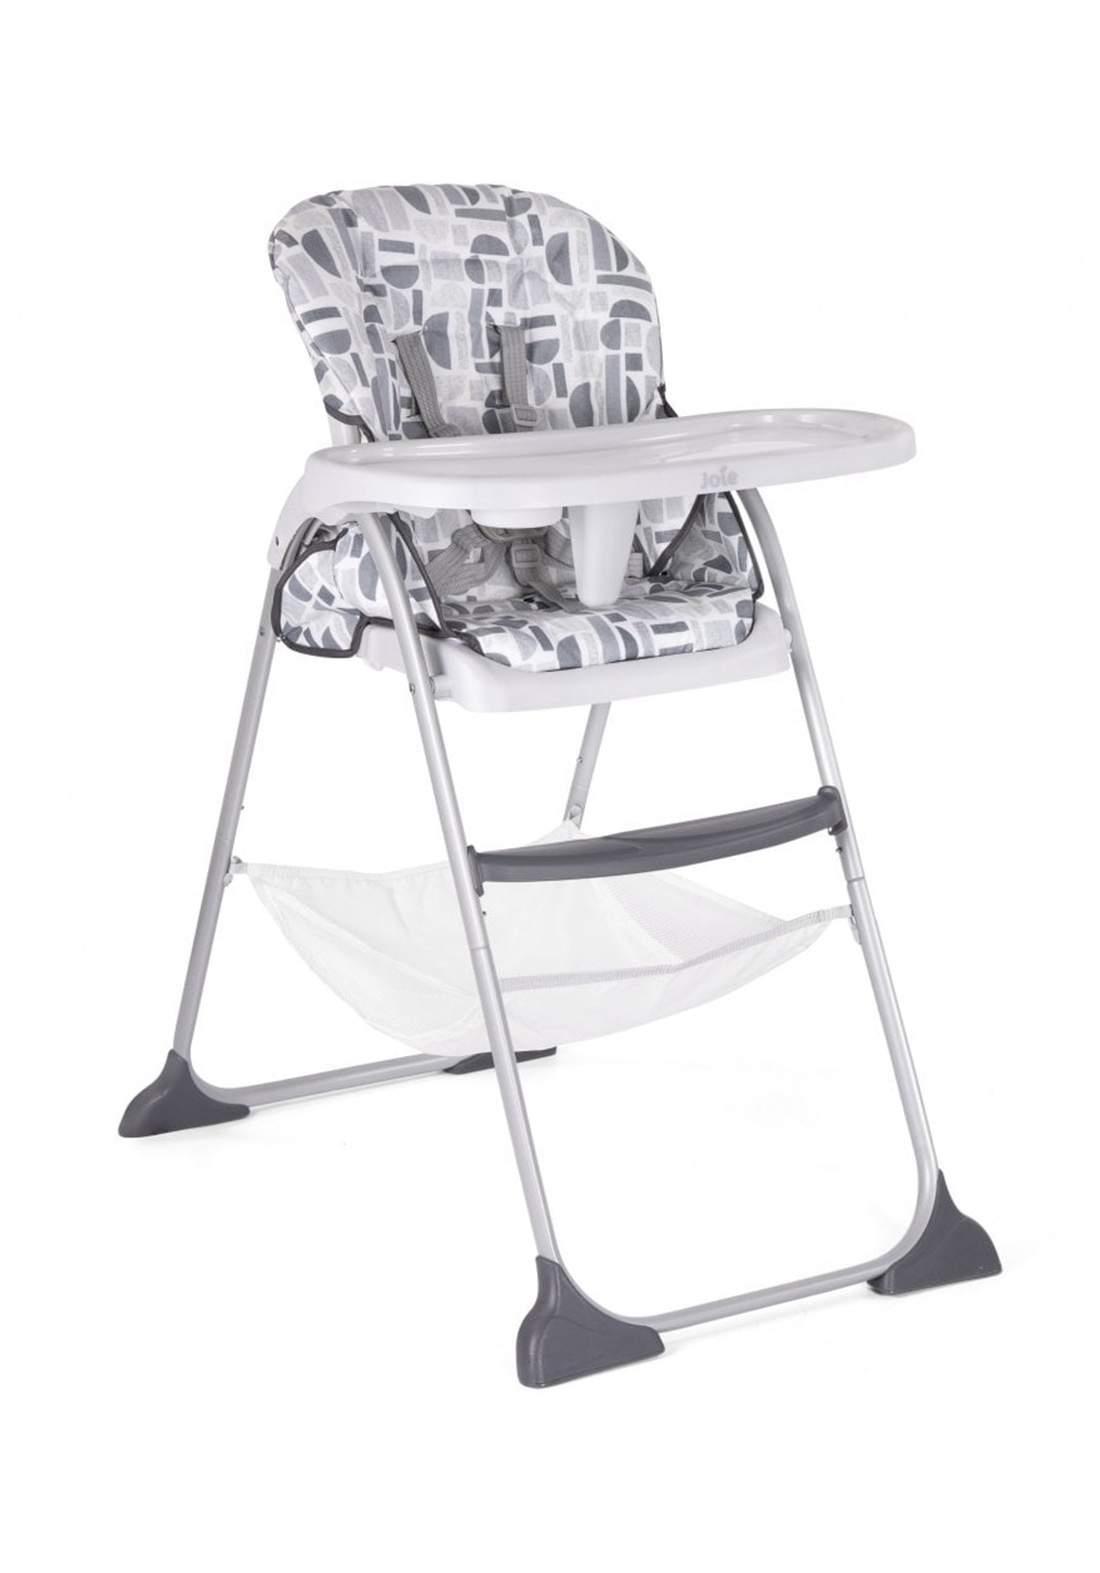 كرسي طعام للاطفال Joie Baby H1127AALGN000 Mimzy Snacker Highchair Logan